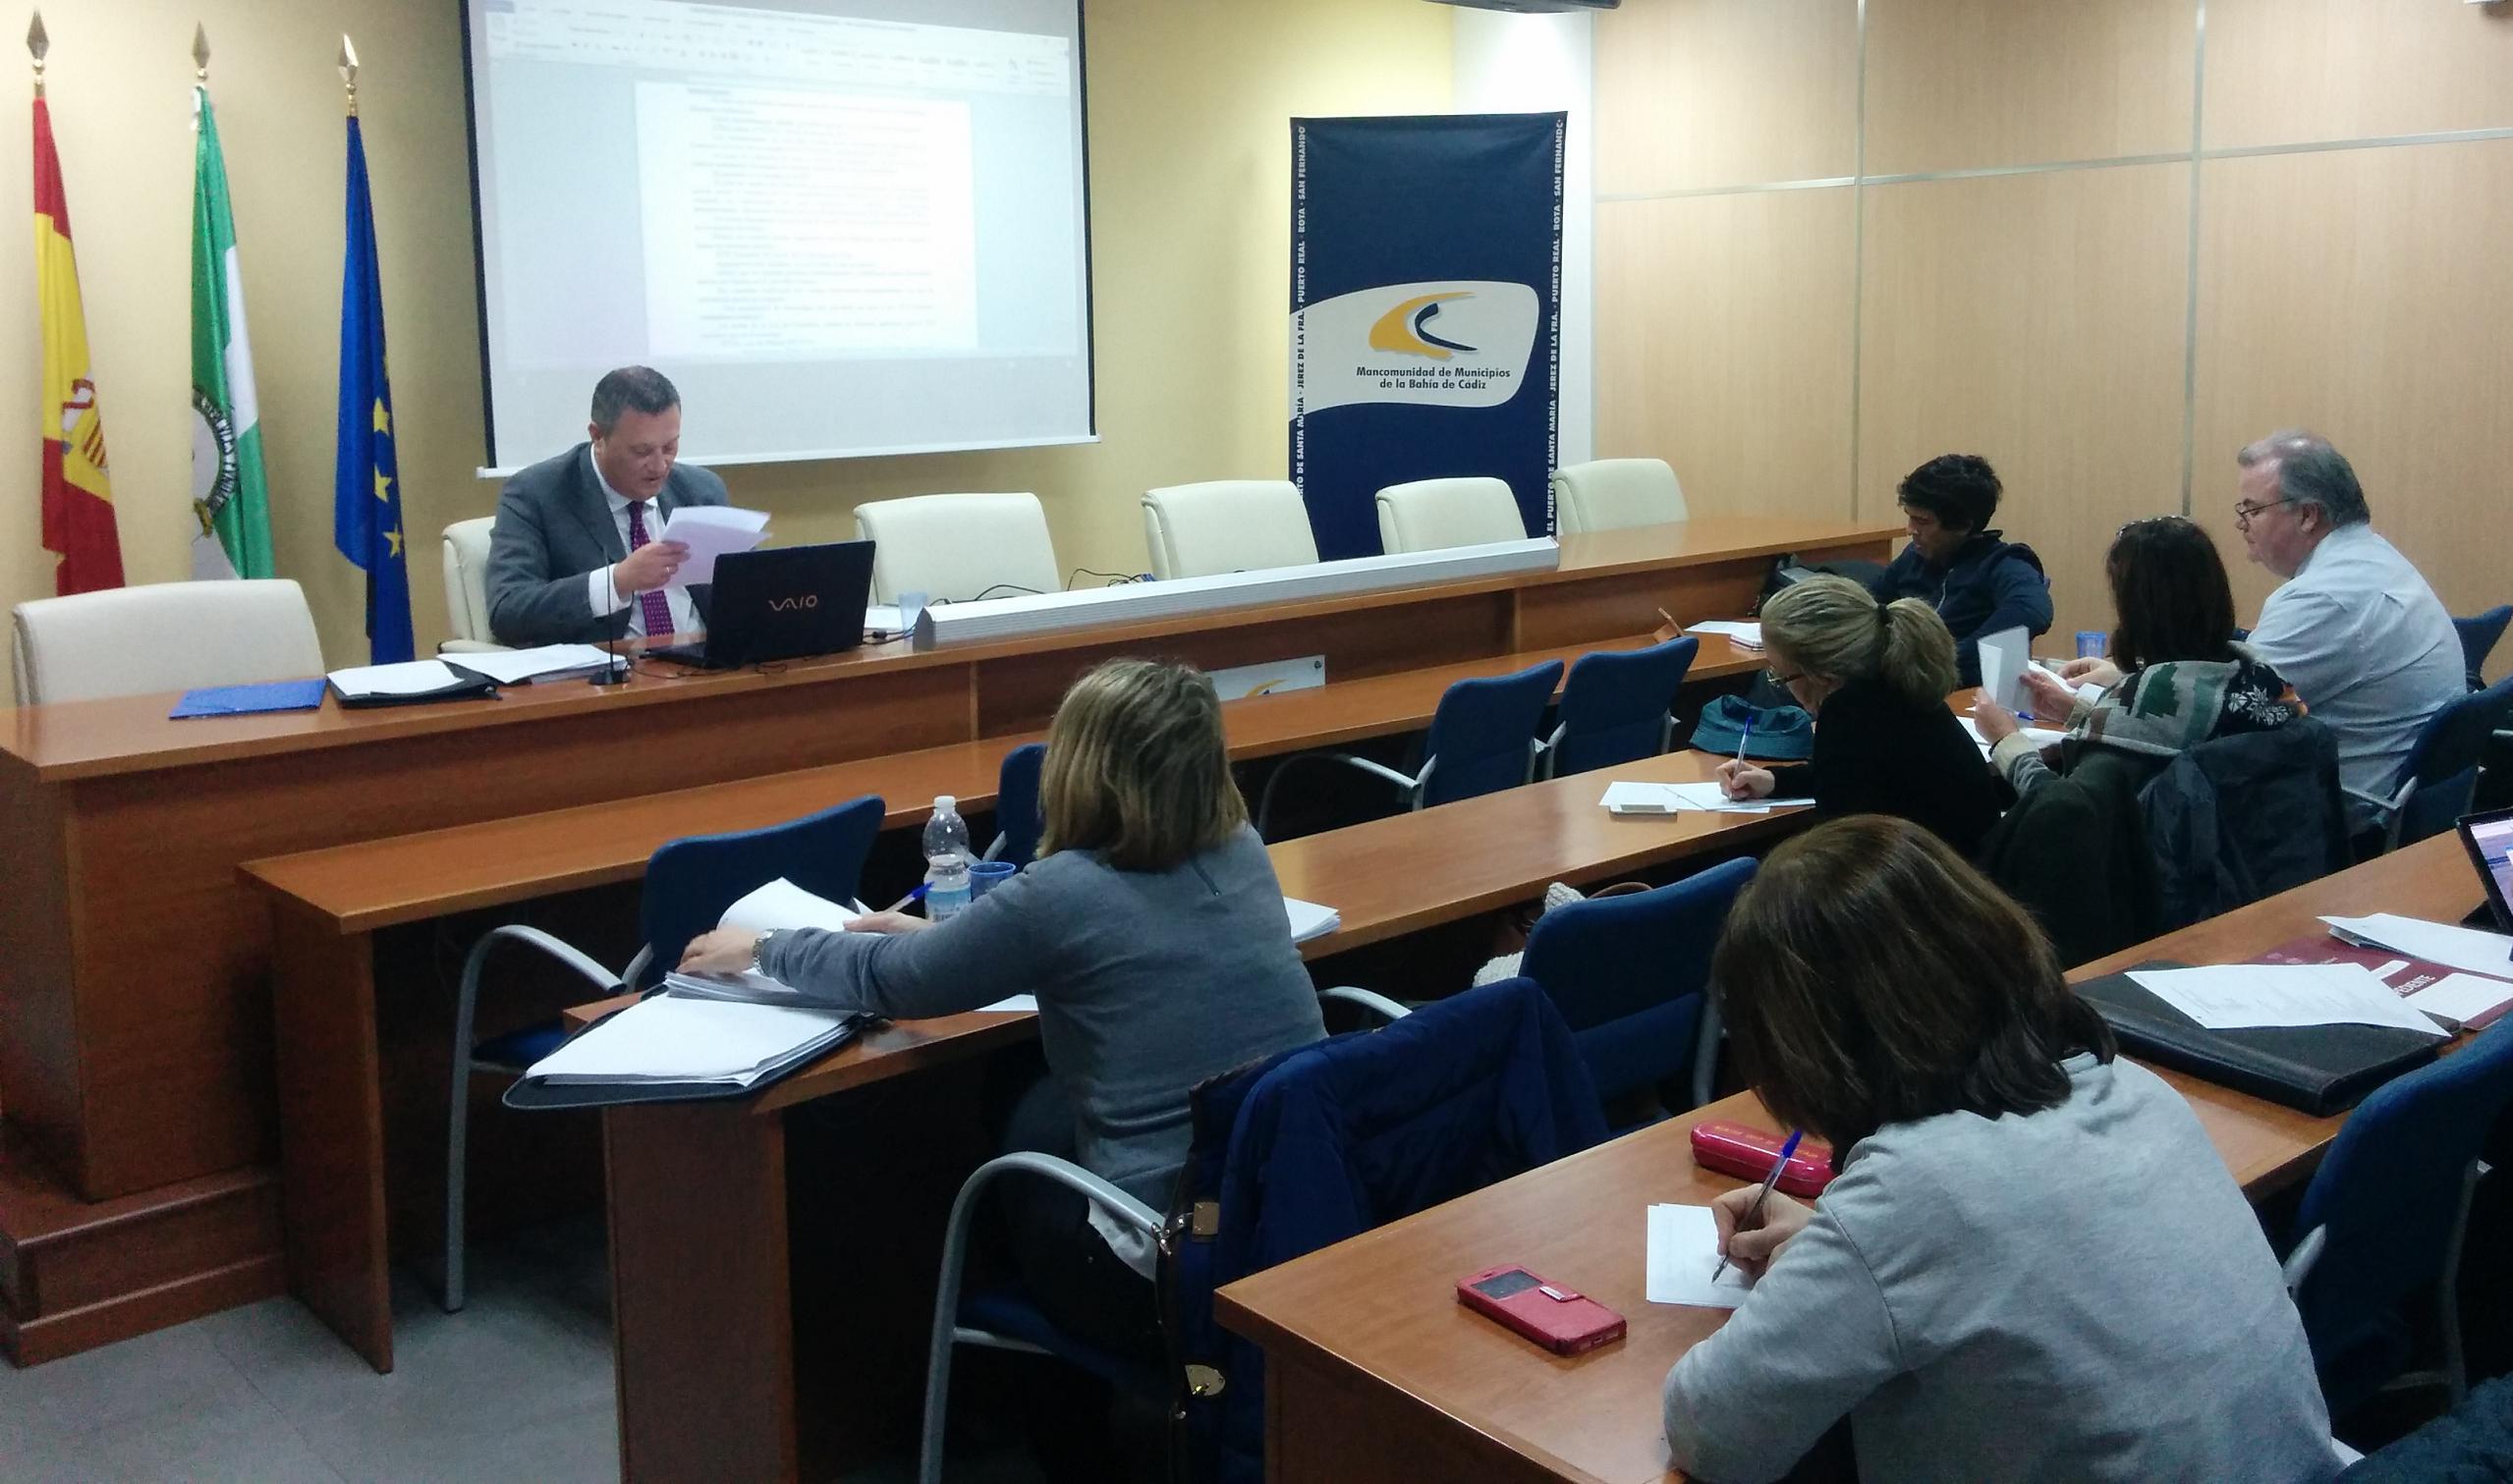 Celebración de Mesas de Trabajo del Colegio del Interventores, Secretarios y Tesoreros de Administración Local en la sede de la Mancomunidad Bahía de Cádiz